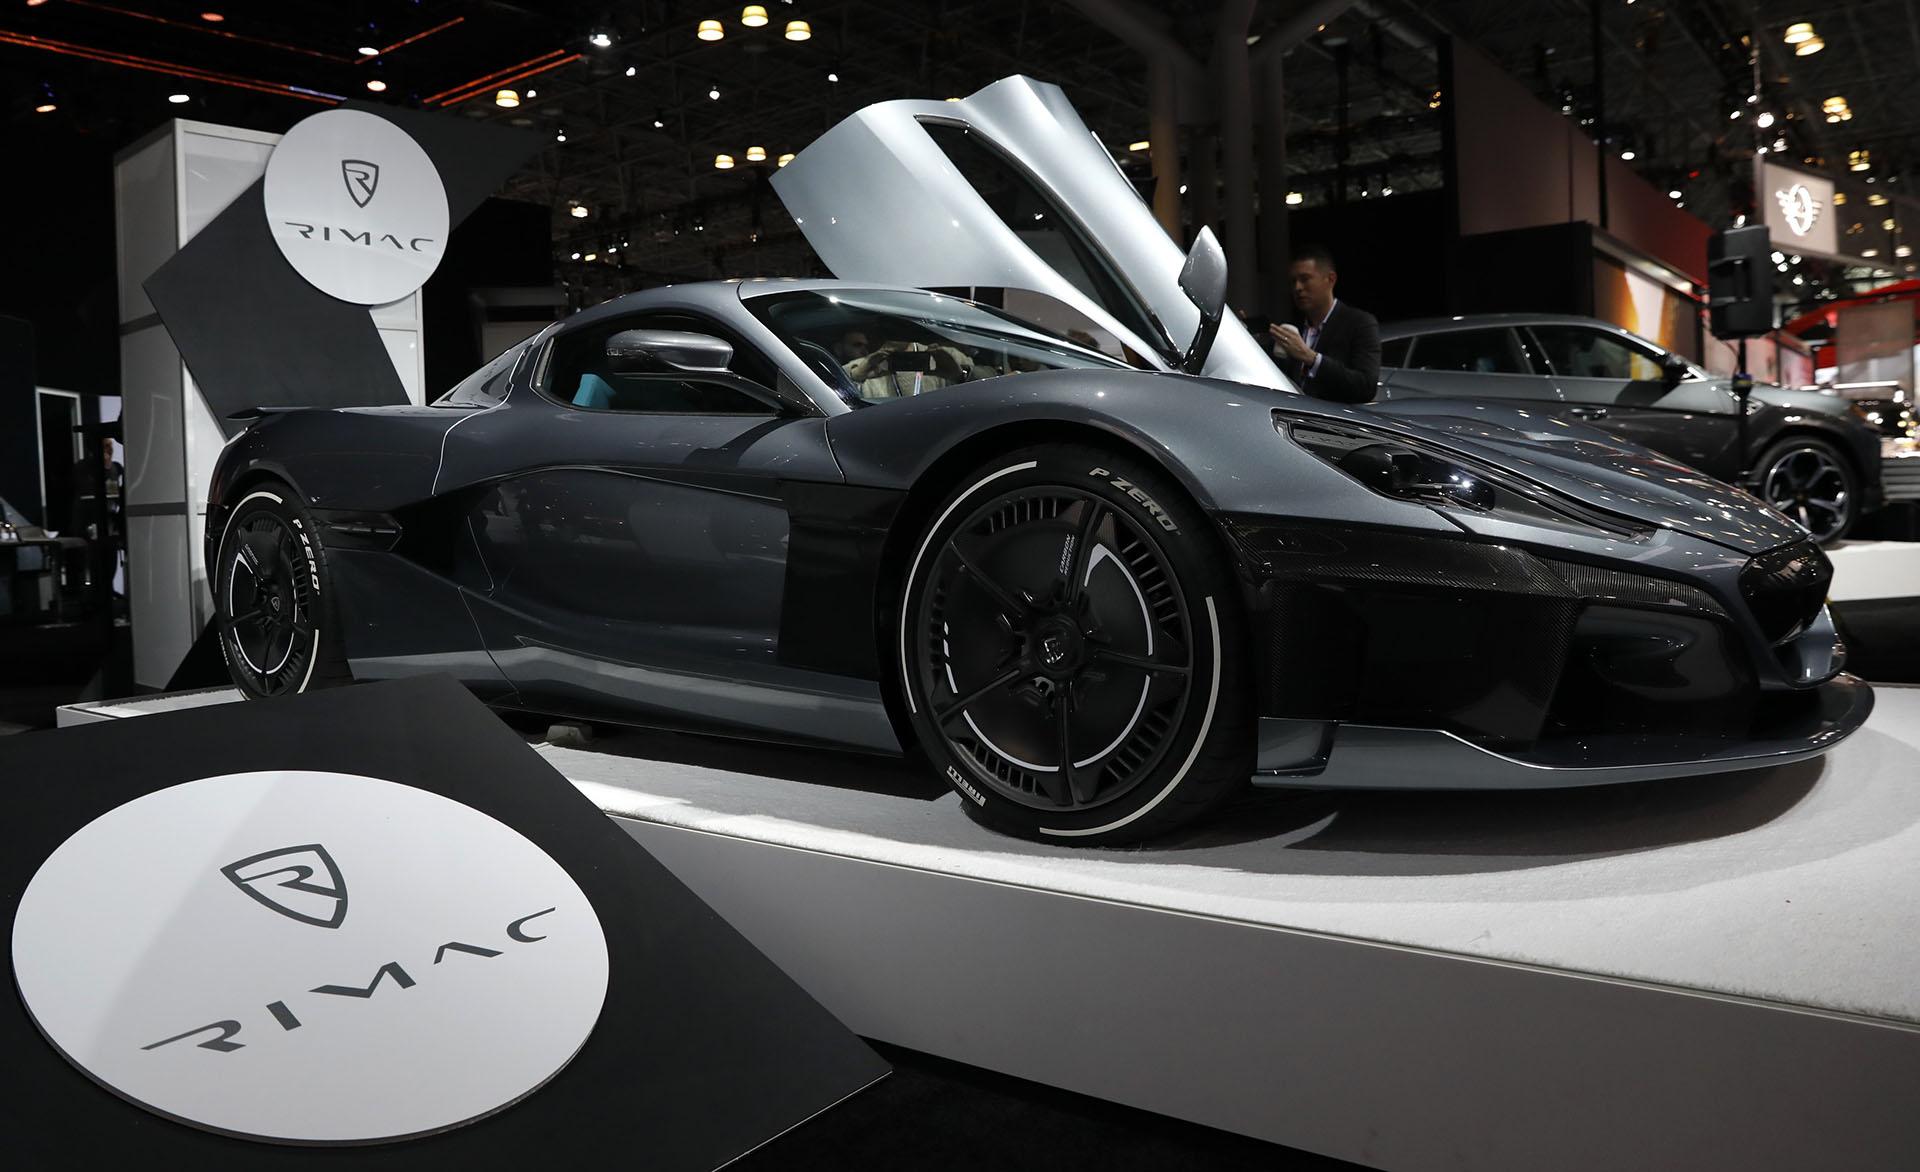 Rimac reforzó su compromiso con el mercado de los deportivos eléctricos. Lo develó en Ginebra y lo exhibe ahora en Nueva York: es el Rimac Concept Two. Por sus prestaciones pretende ser competidor directo del Chiron de Bugatti o del Agera de Koenigsegg, pero su principal rival es Tesla. Otro súper auto que se inclina por la propulsión sustentable